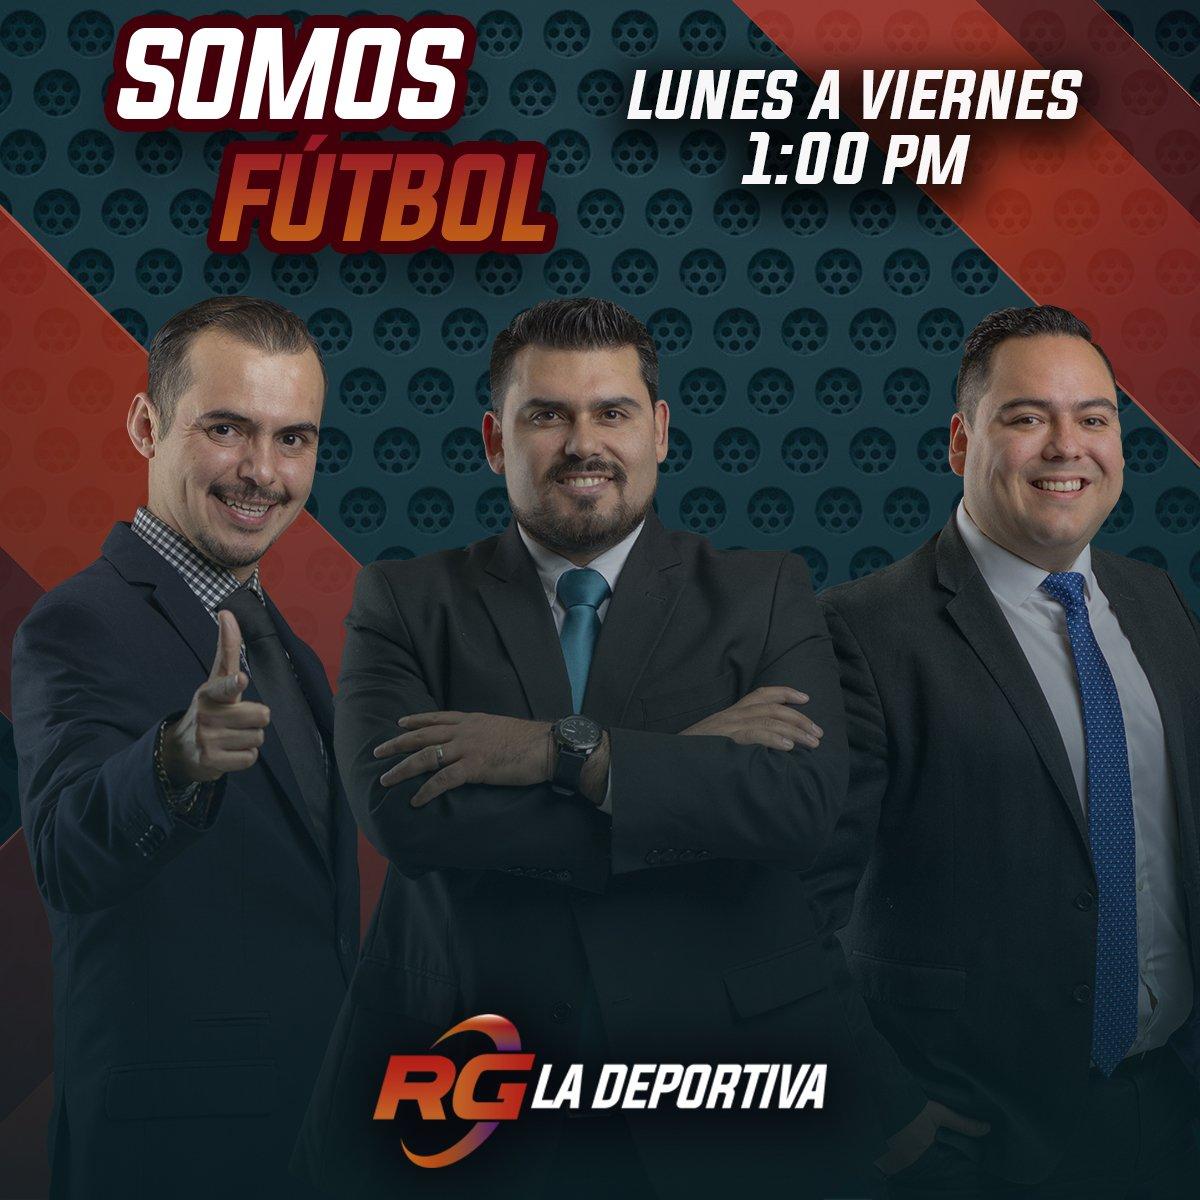 🚨Estamos EN VIVO en #SomosFutbol a través de RG La Deportiva.  ▶️Escúchanos en línea